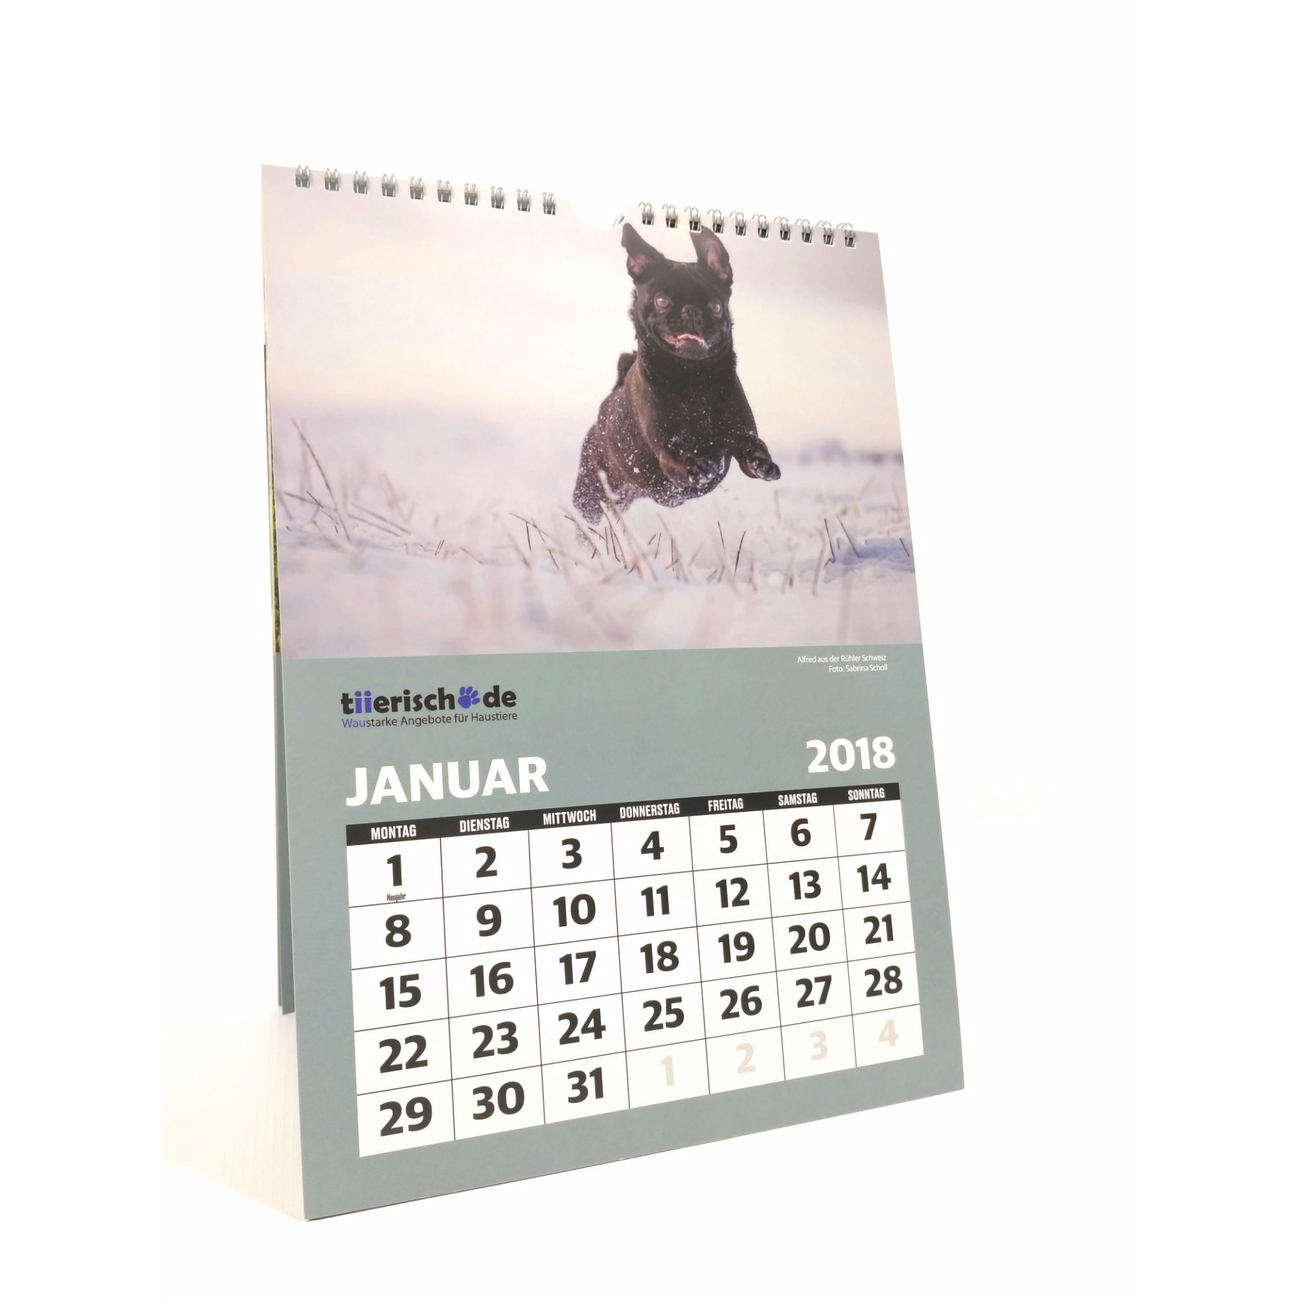 tiierisch.de Kalenderstars 2018 - der tiierische Jahreskalender, Bild 2